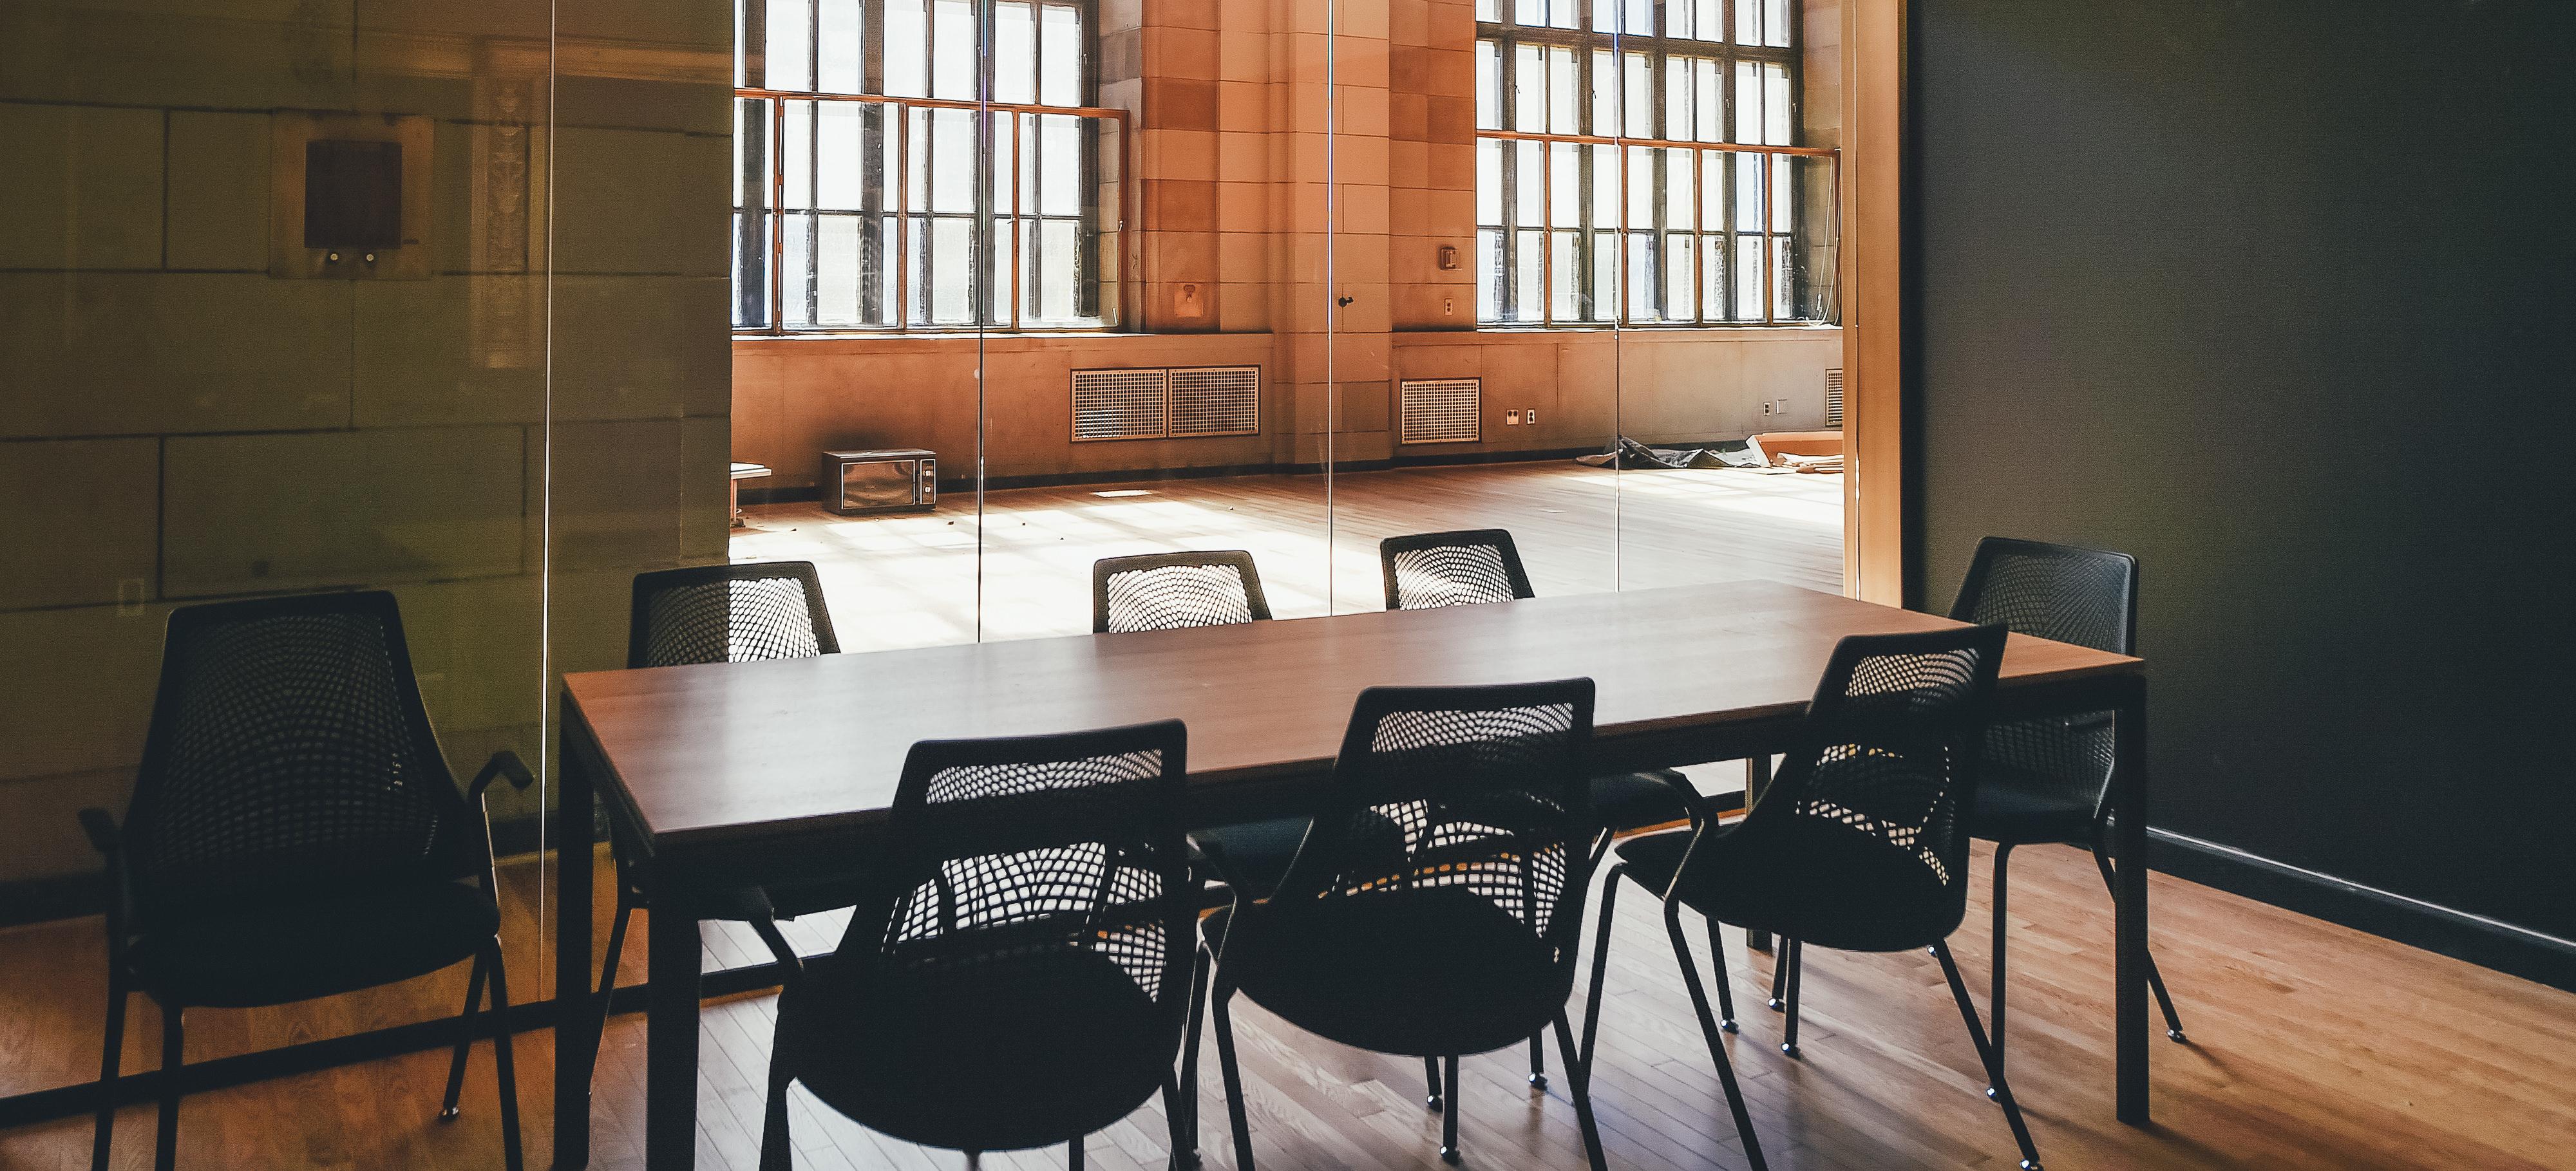 Kostenlose foto : Schreibtisch, Tabelle, Holz, Haus, Sessel, Stock ...